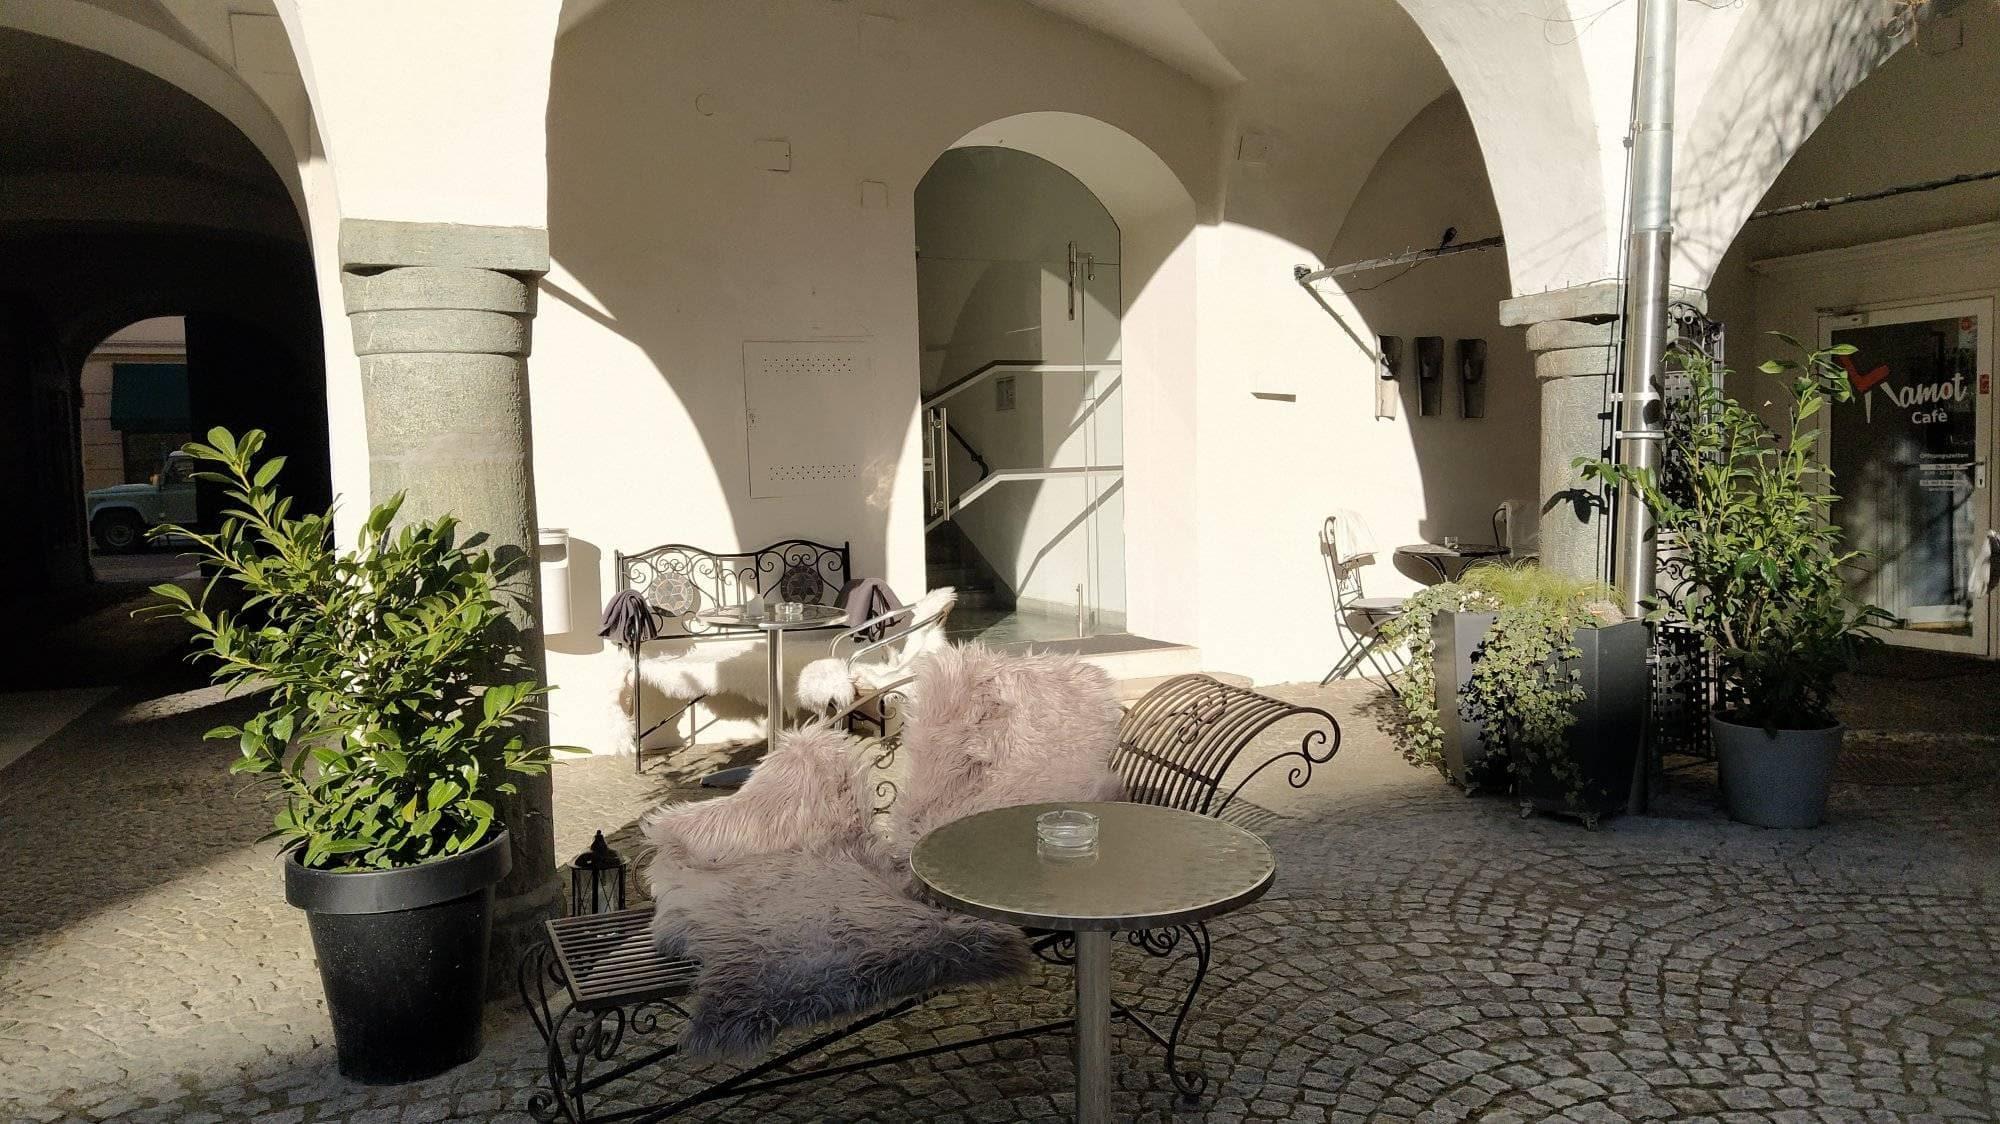 der Gastgarten des Kamot Cafés mit Eisensitzmöbeln und Grünpflanzen